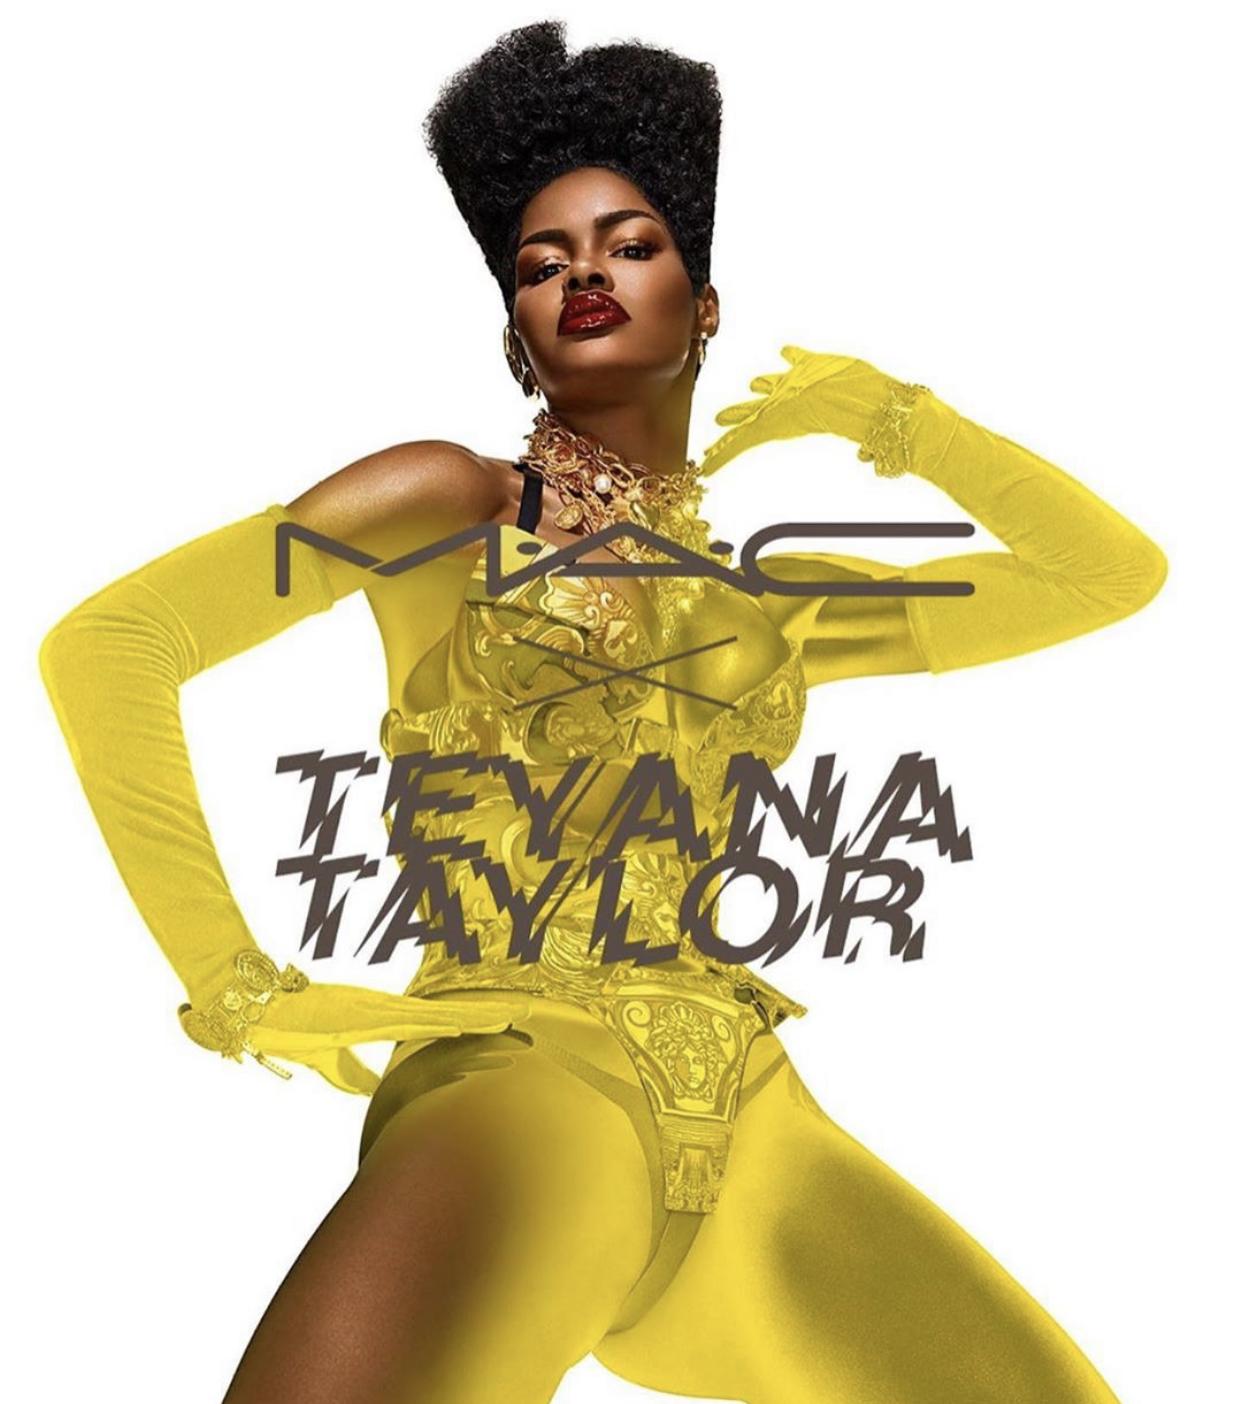 MAC x Teyana Taylor Collaboration